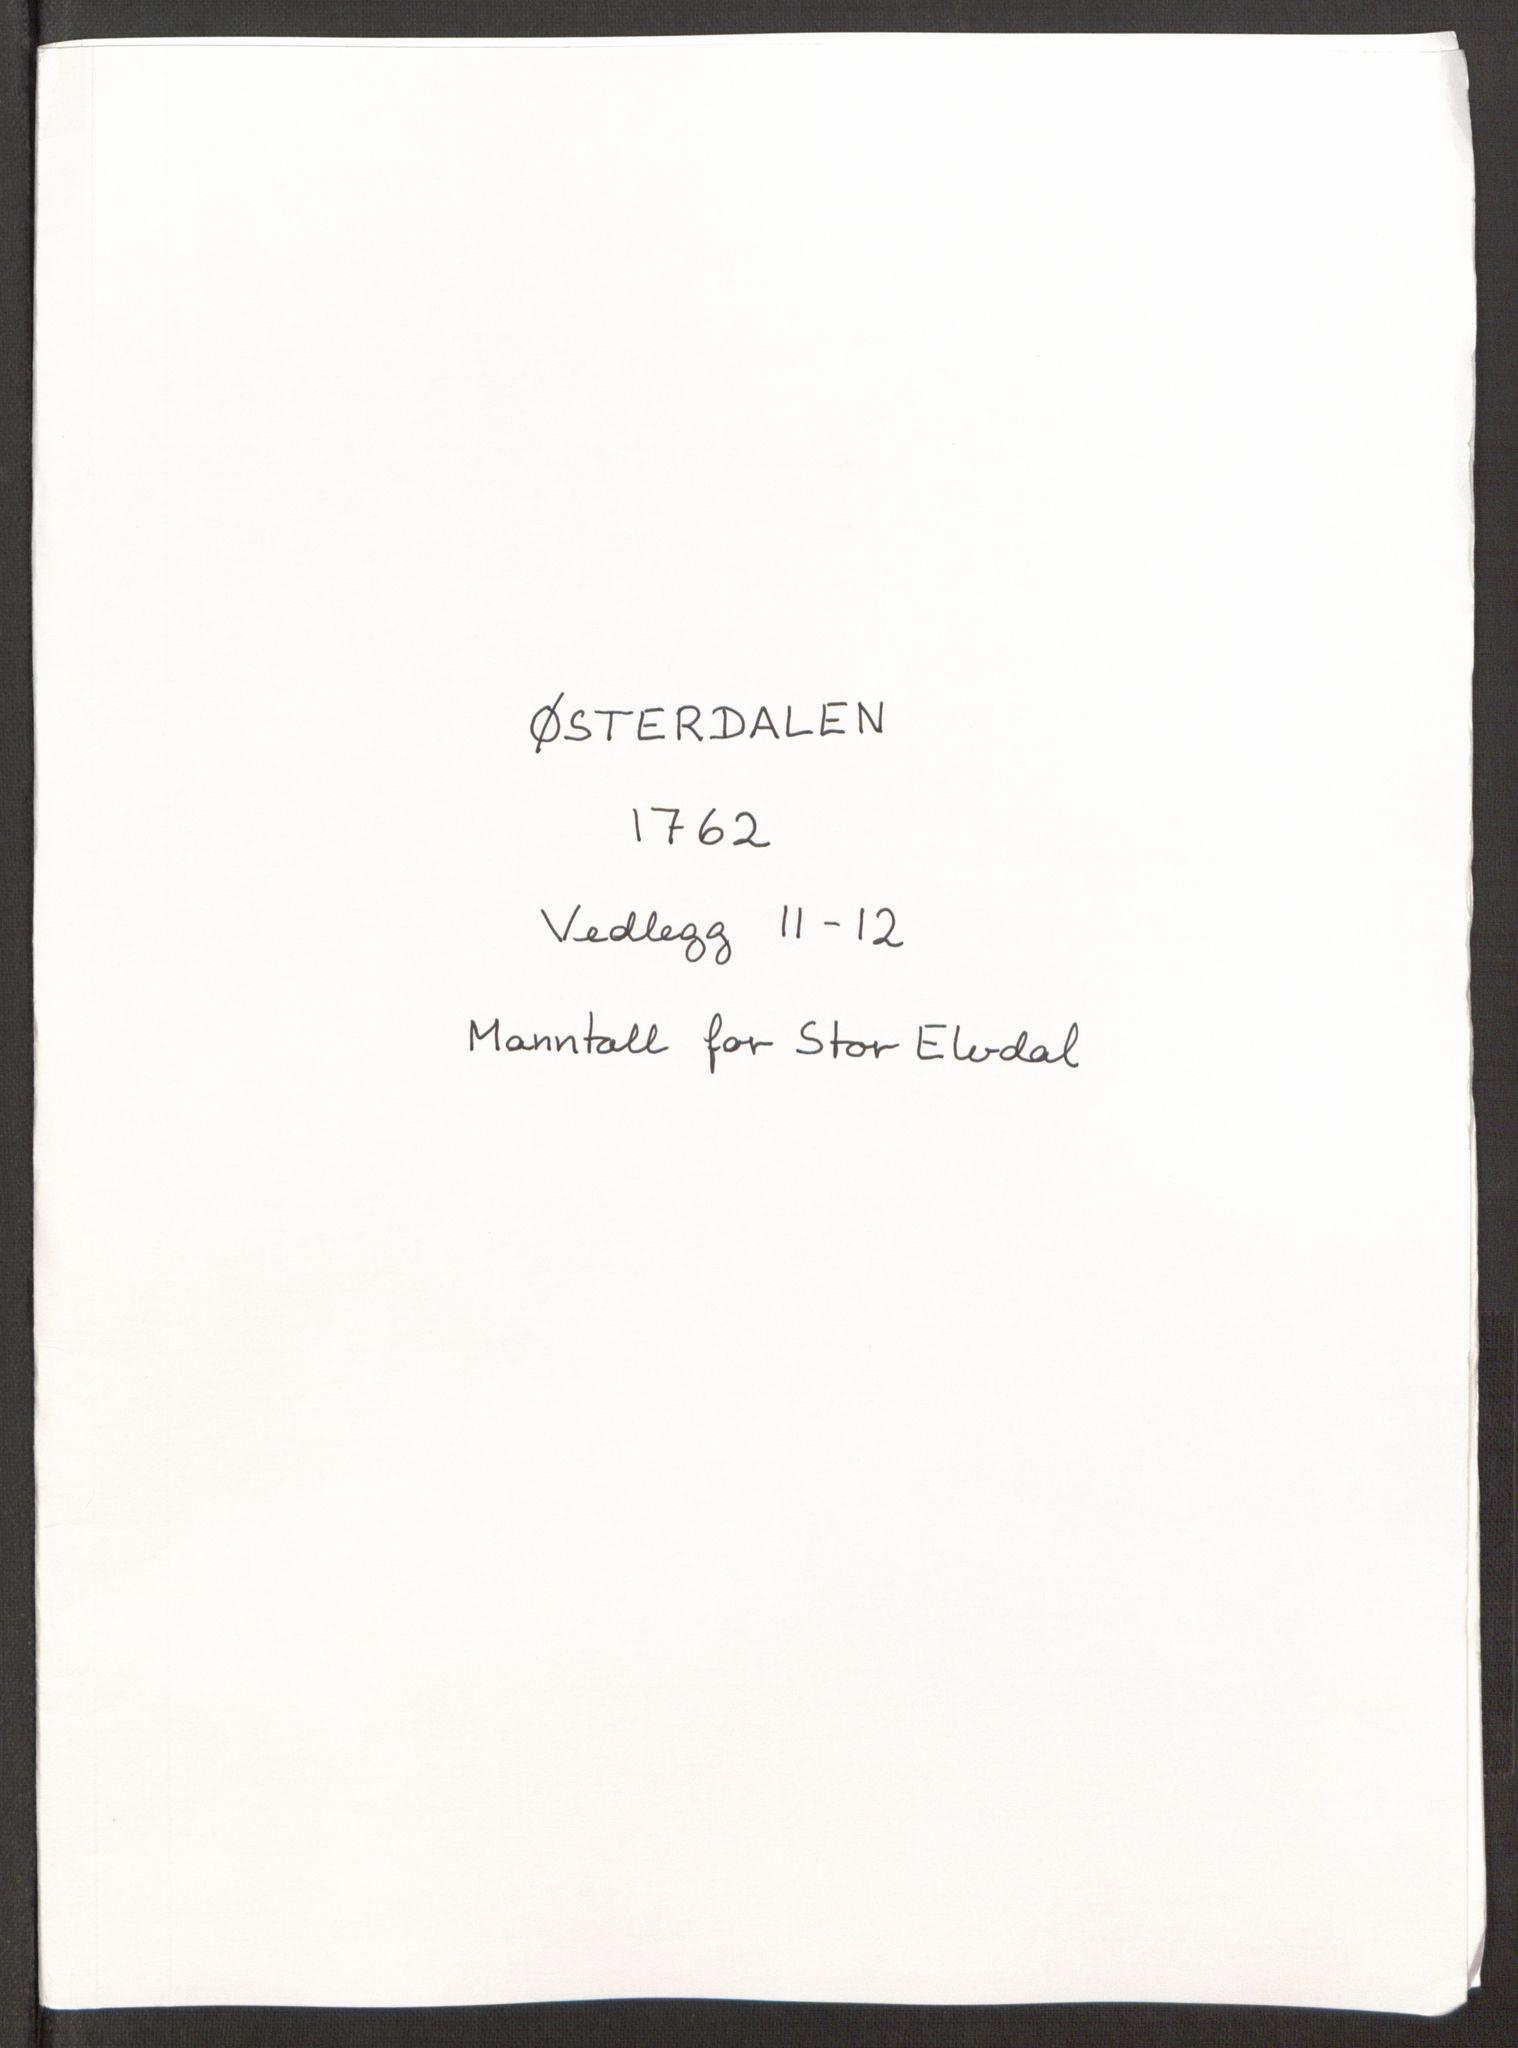 RA, Rentekammeret inntil 1814, Reviderte regnskaper, Fogderegnskap, R15/L1014: Ekstraskatten Østerdal, 1762-1764, s. 325